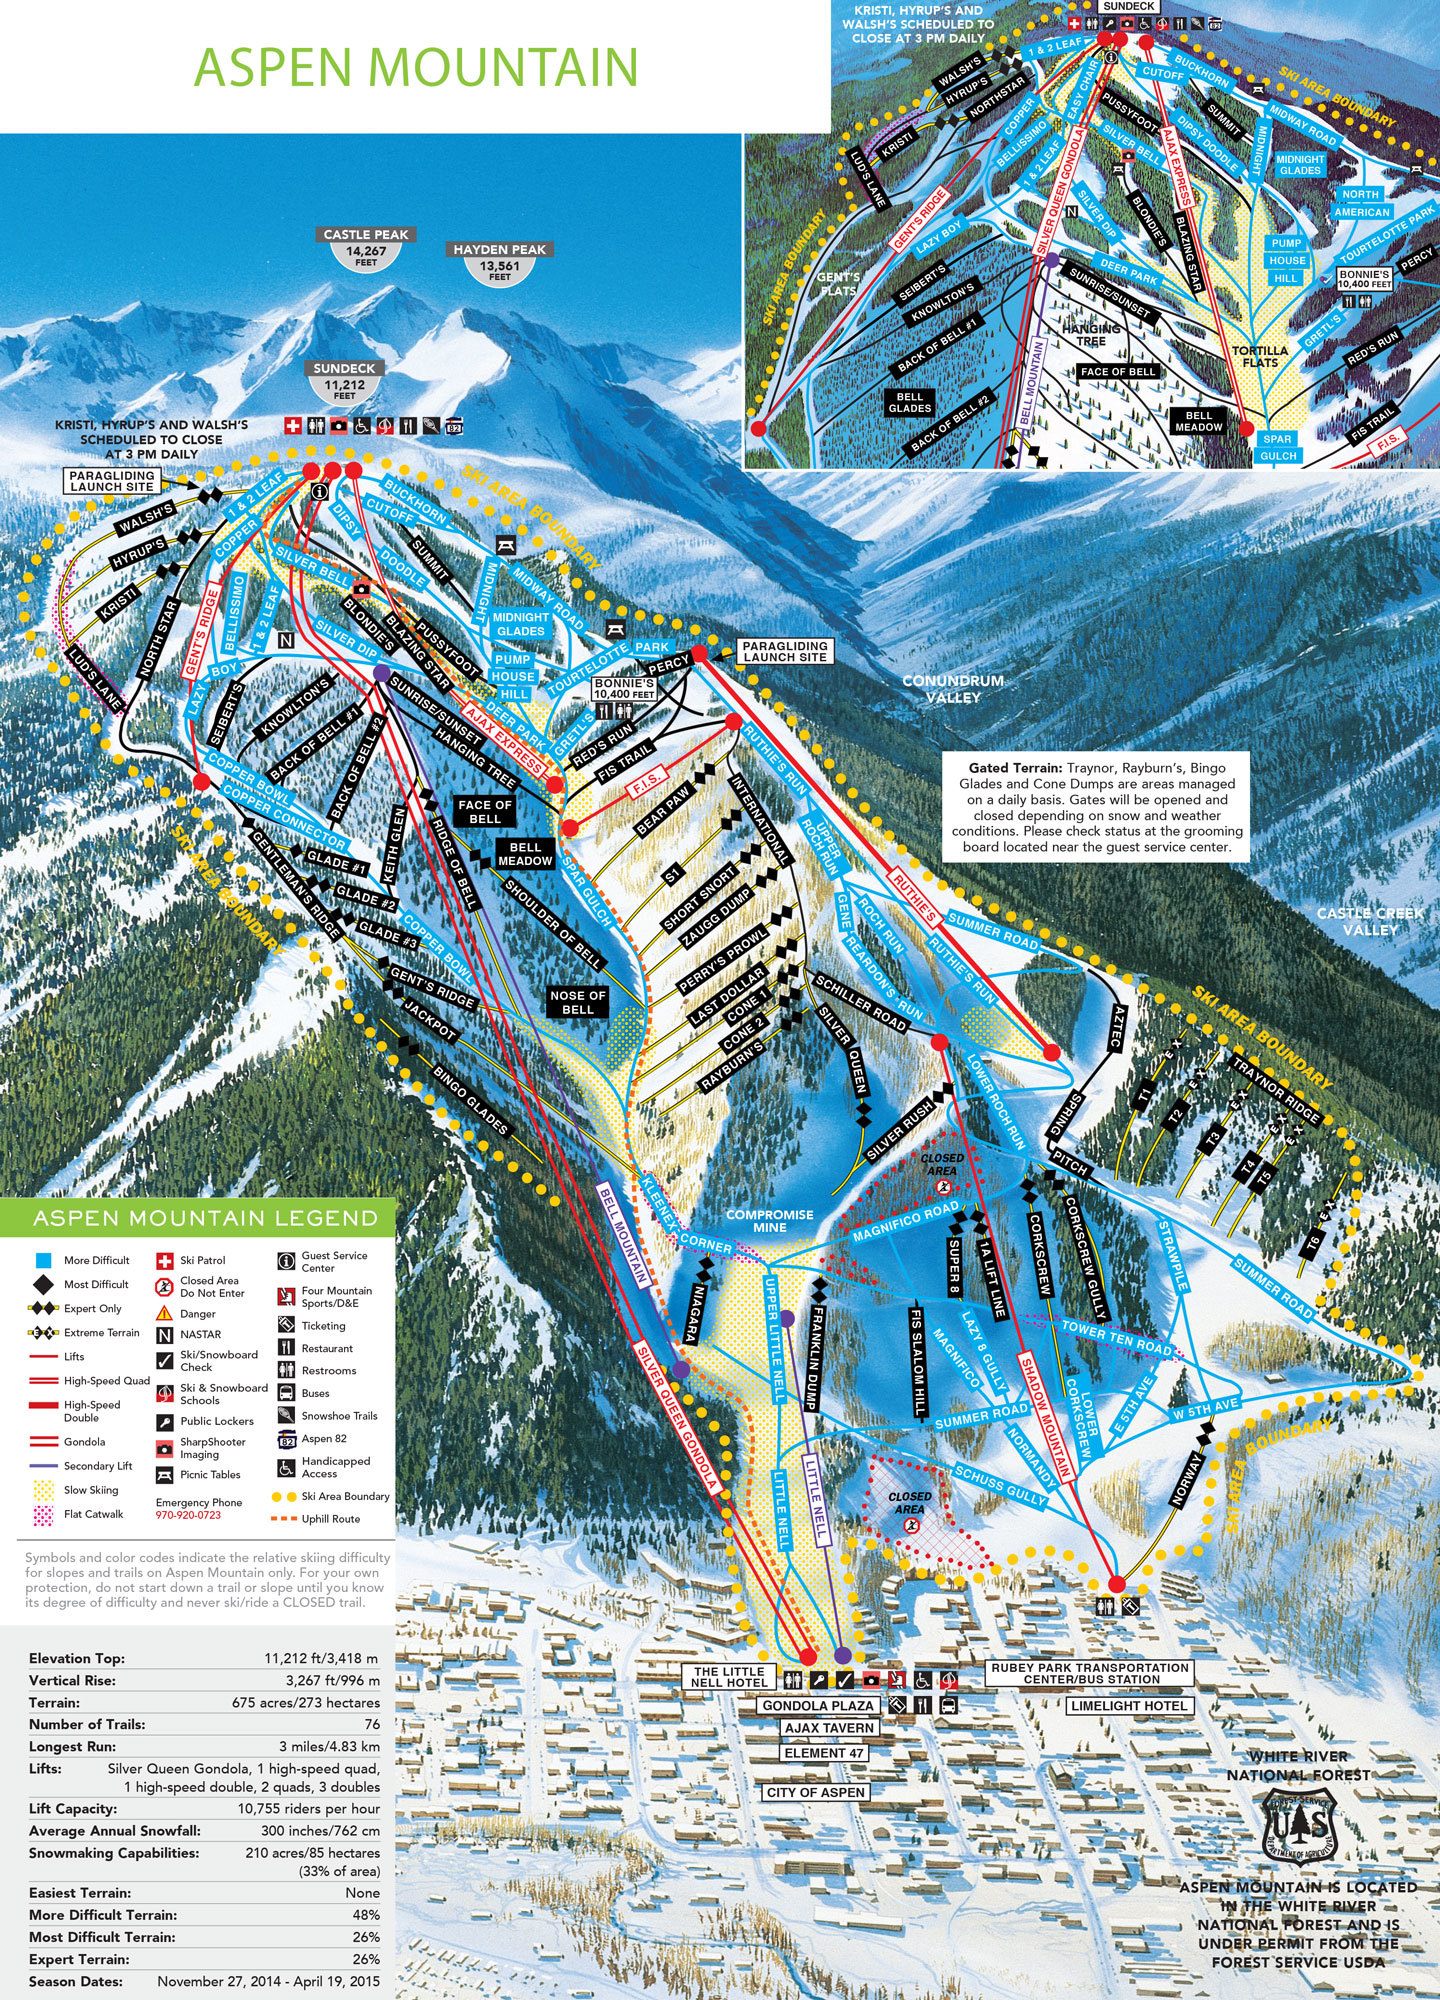 Aspen Snowmass Plan Des Pistes De Ski Aspen Snowmass